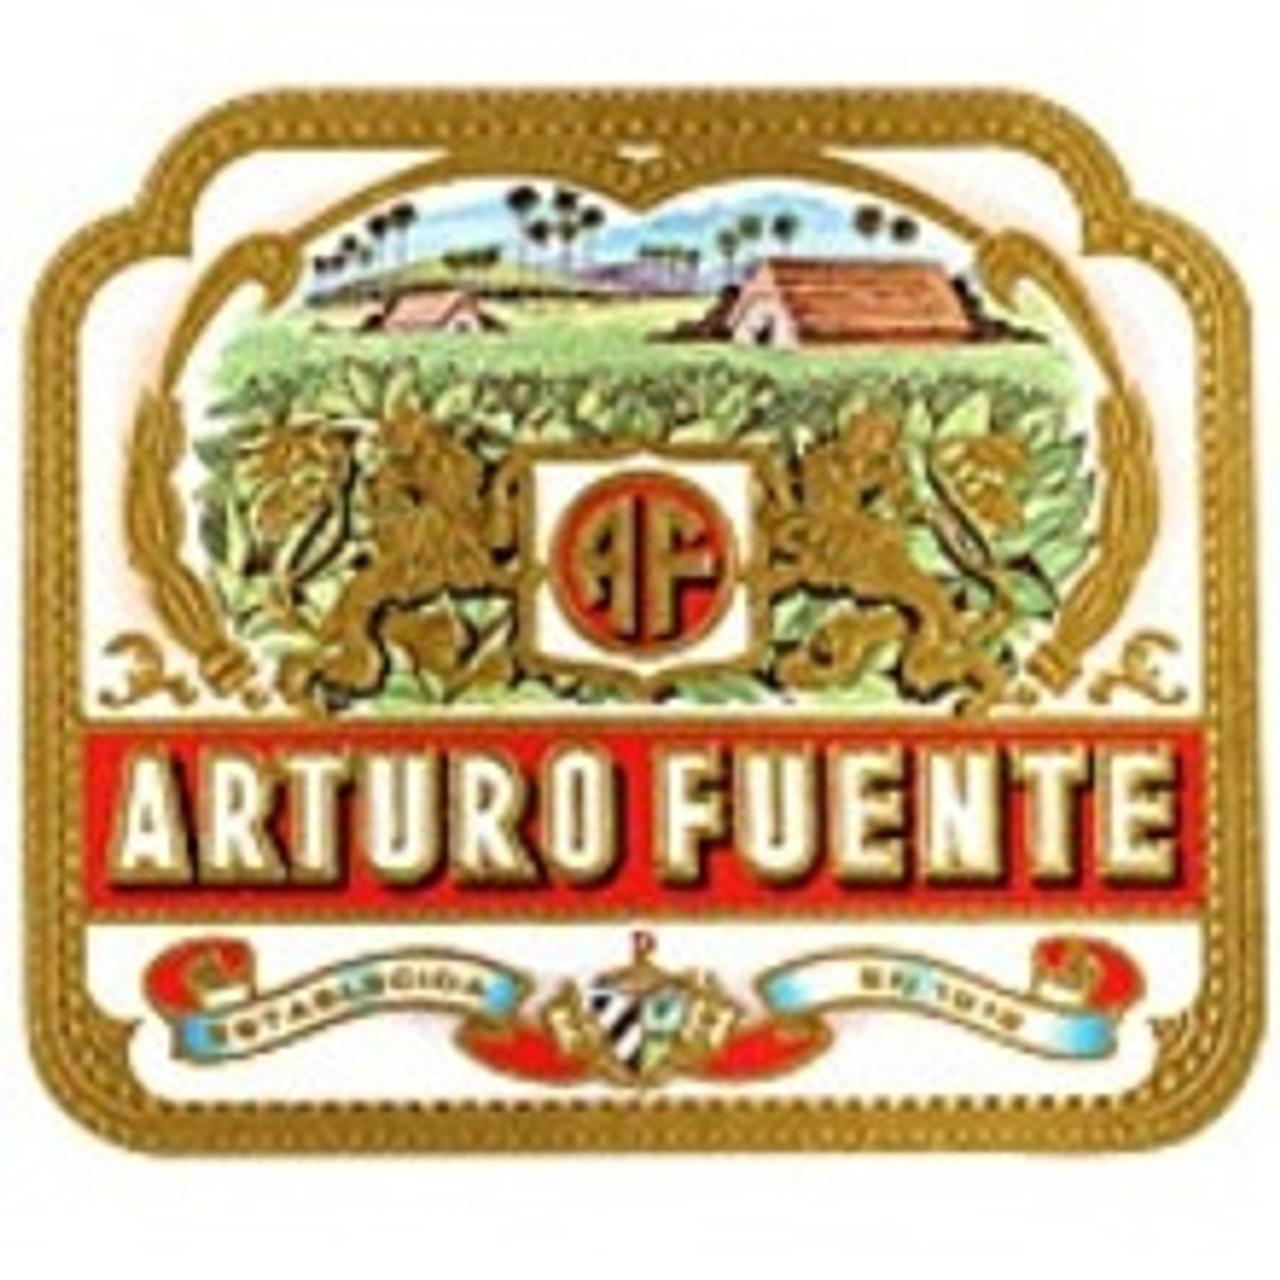 Arturo Fuente Curly Head Deluxe Maduro Cigars - 6.50 x 44 (Box of 25)